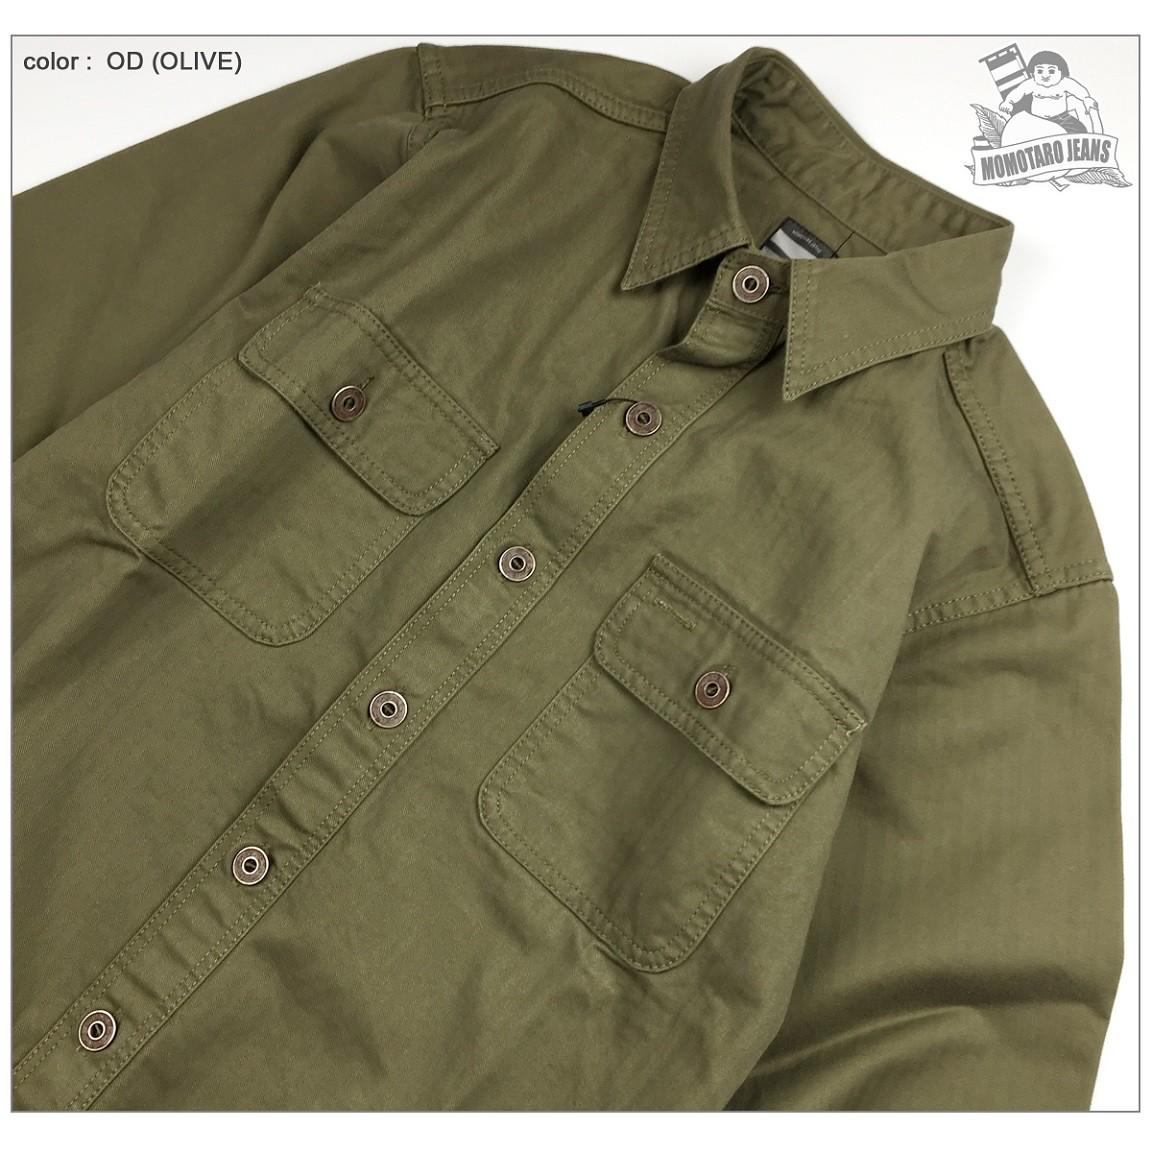 桃太郎ジーンズ 05-160 ワークシャツ 画像5